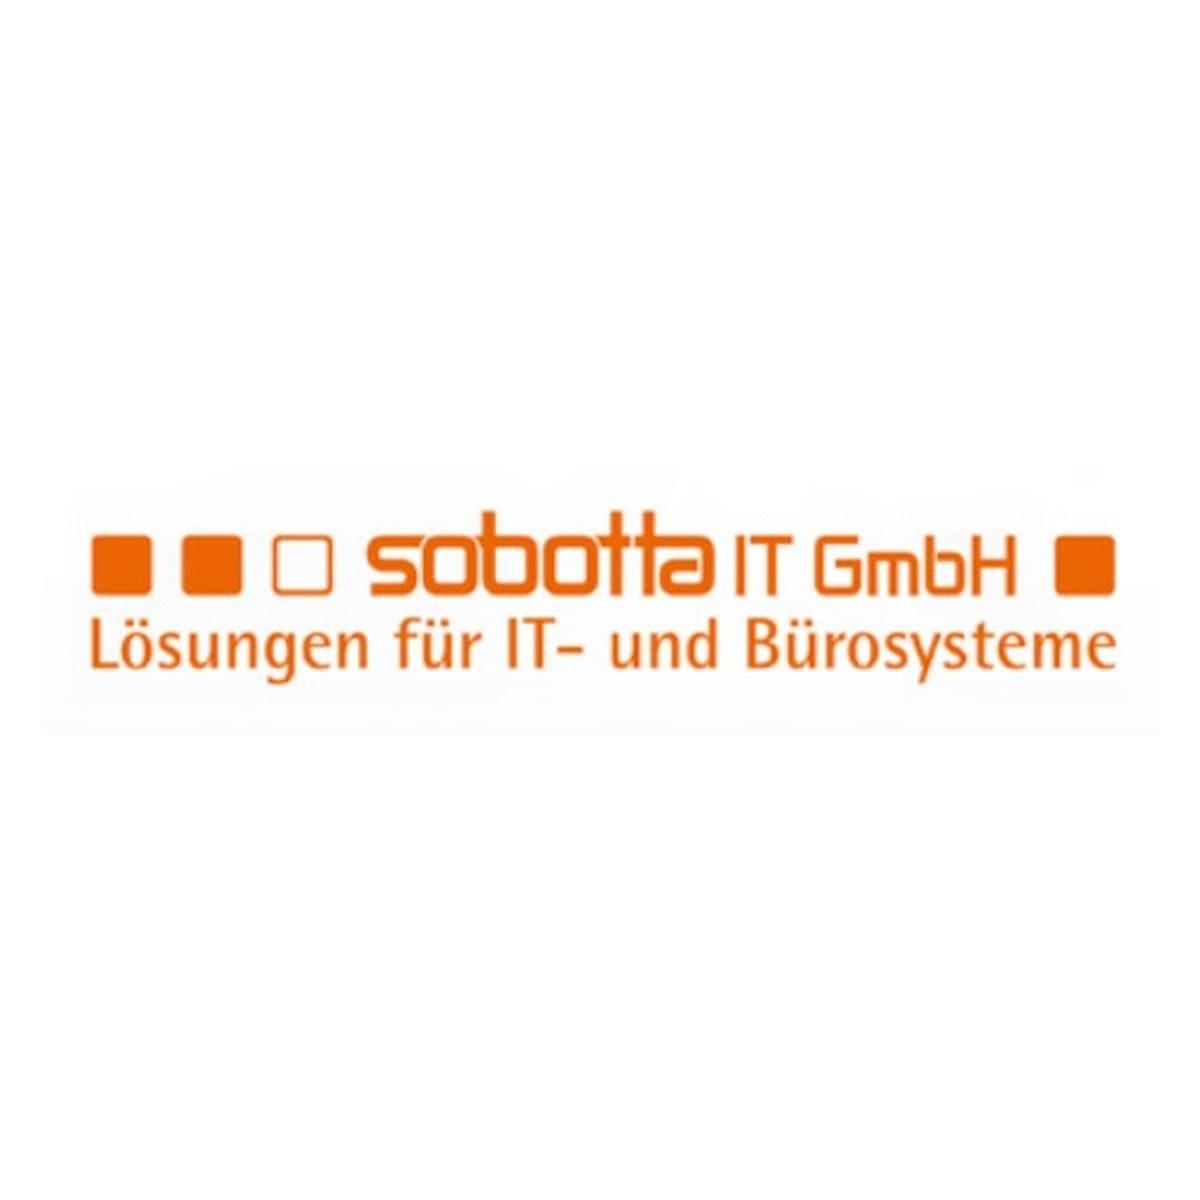 Sobotta IT GmbH